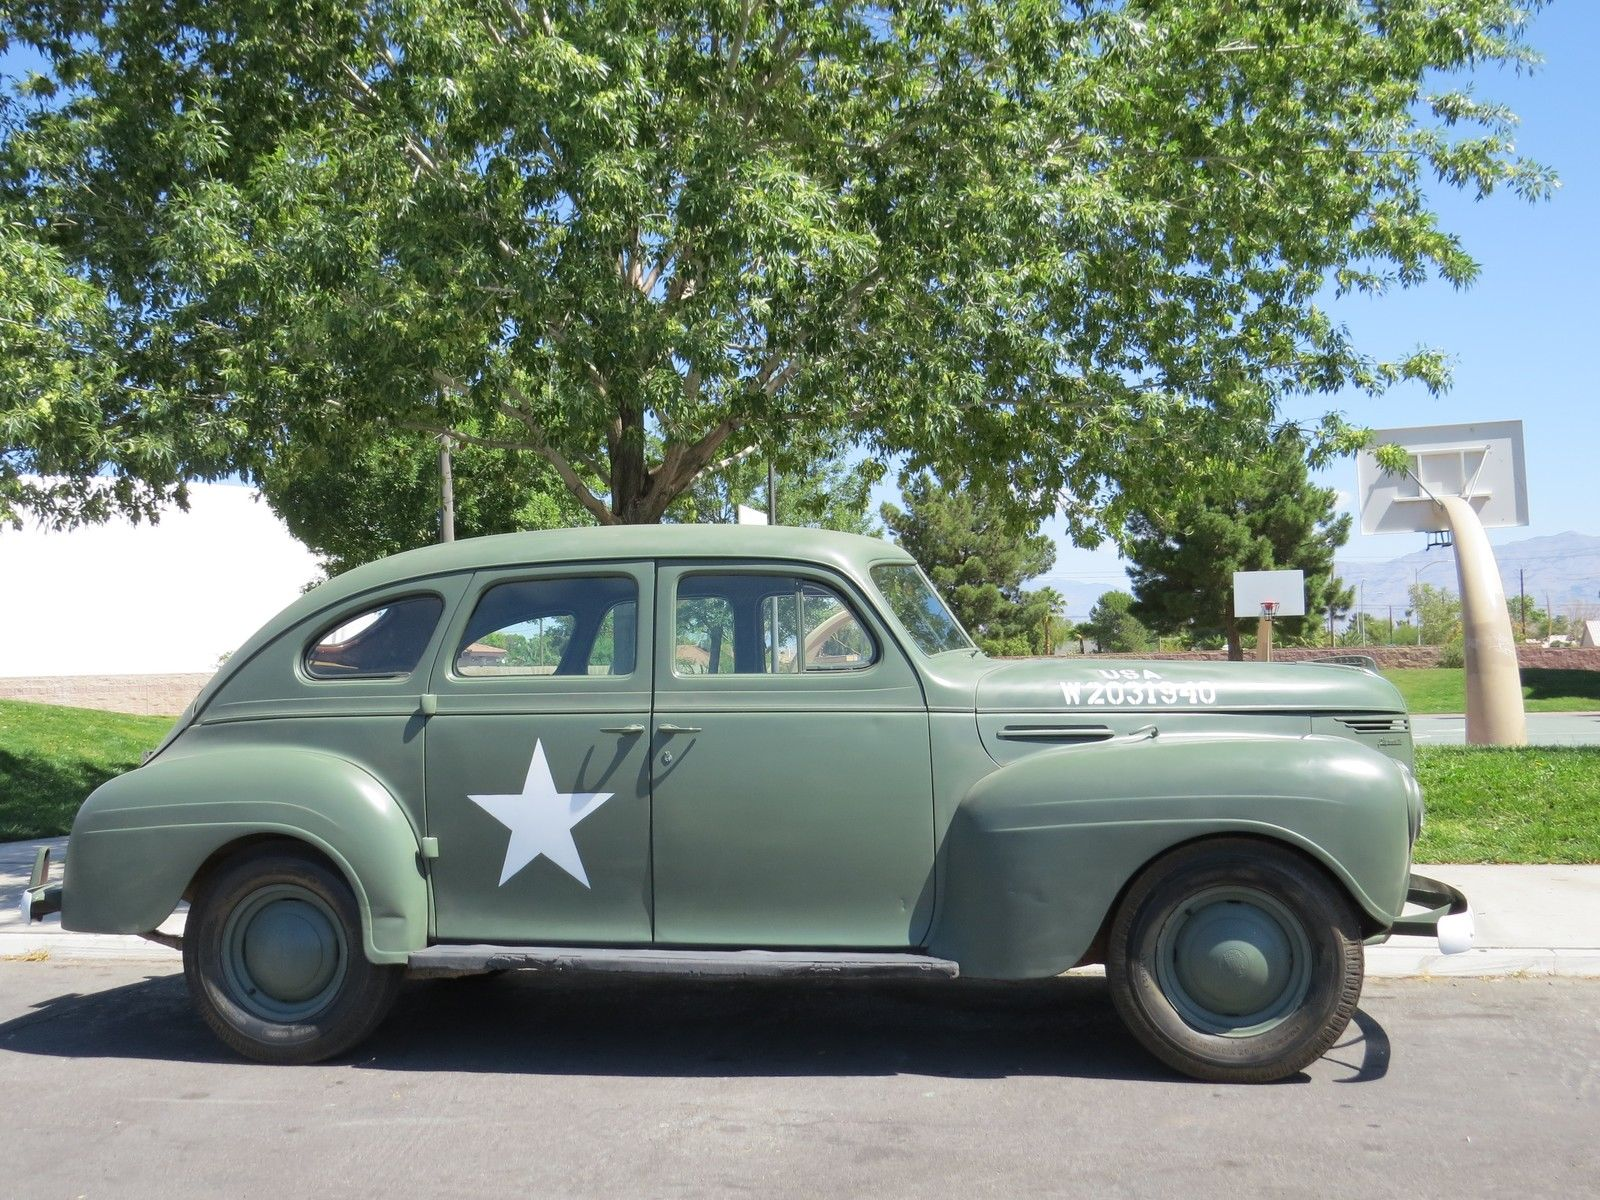 Used Cars Las Vegas >> Daily Turismo: 5k: Army Air Force Staff Sedan: 1940 Plymouth P10